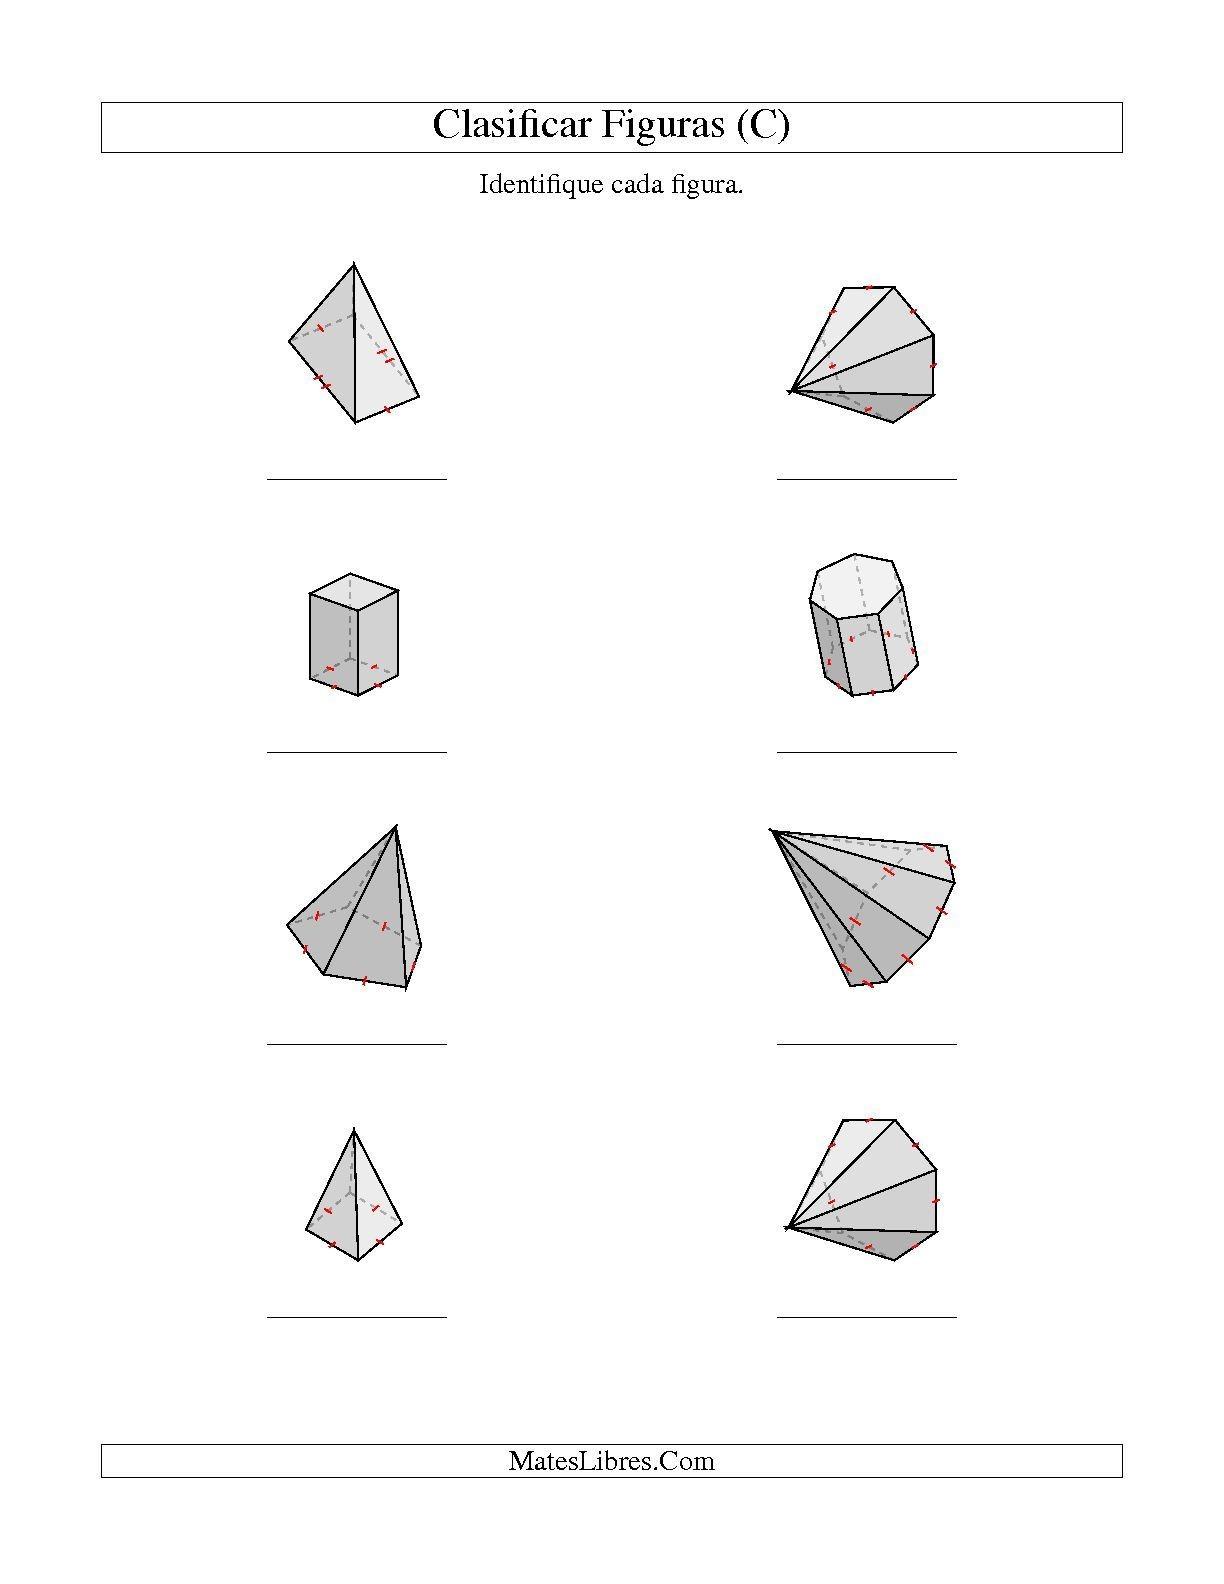 La hoja de ejercicios de Clasificar Prismas y Pirámides C de la página de Hojas de Ejercicios de Geometra en MatesLibres